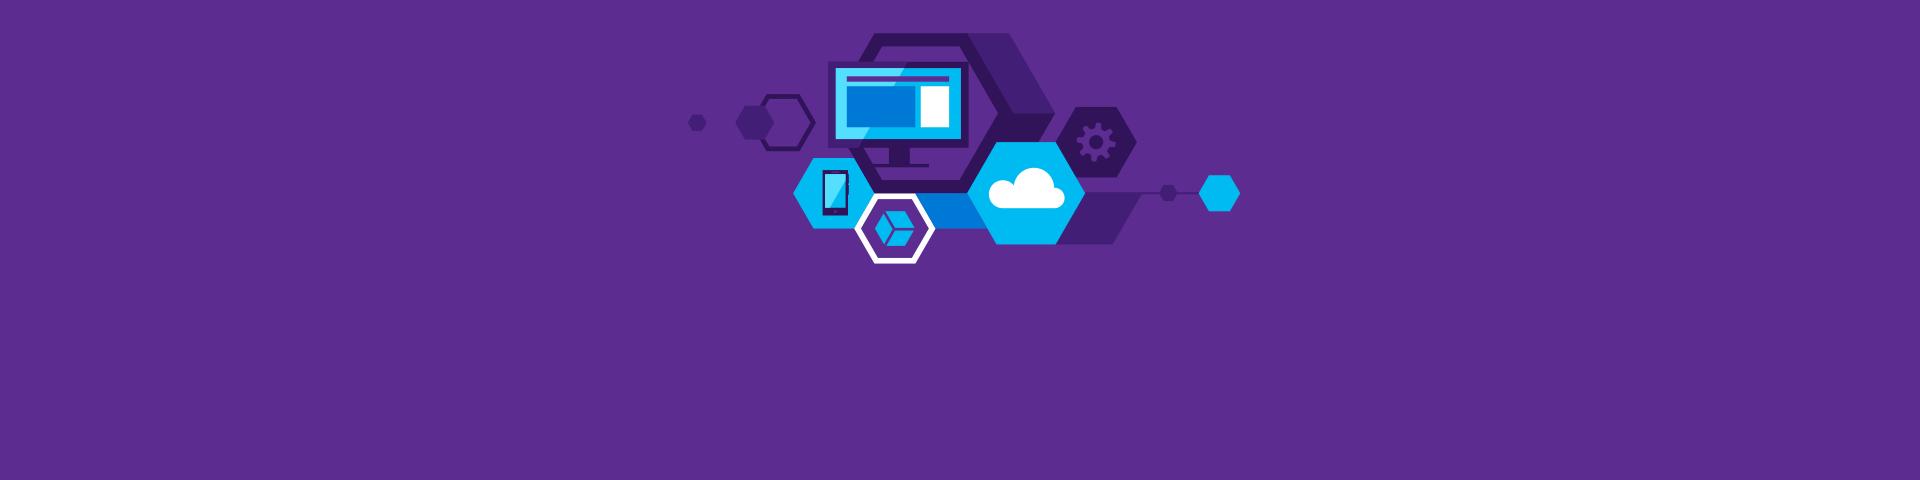 PC, téléphone, nuage et autres icônes technologiques